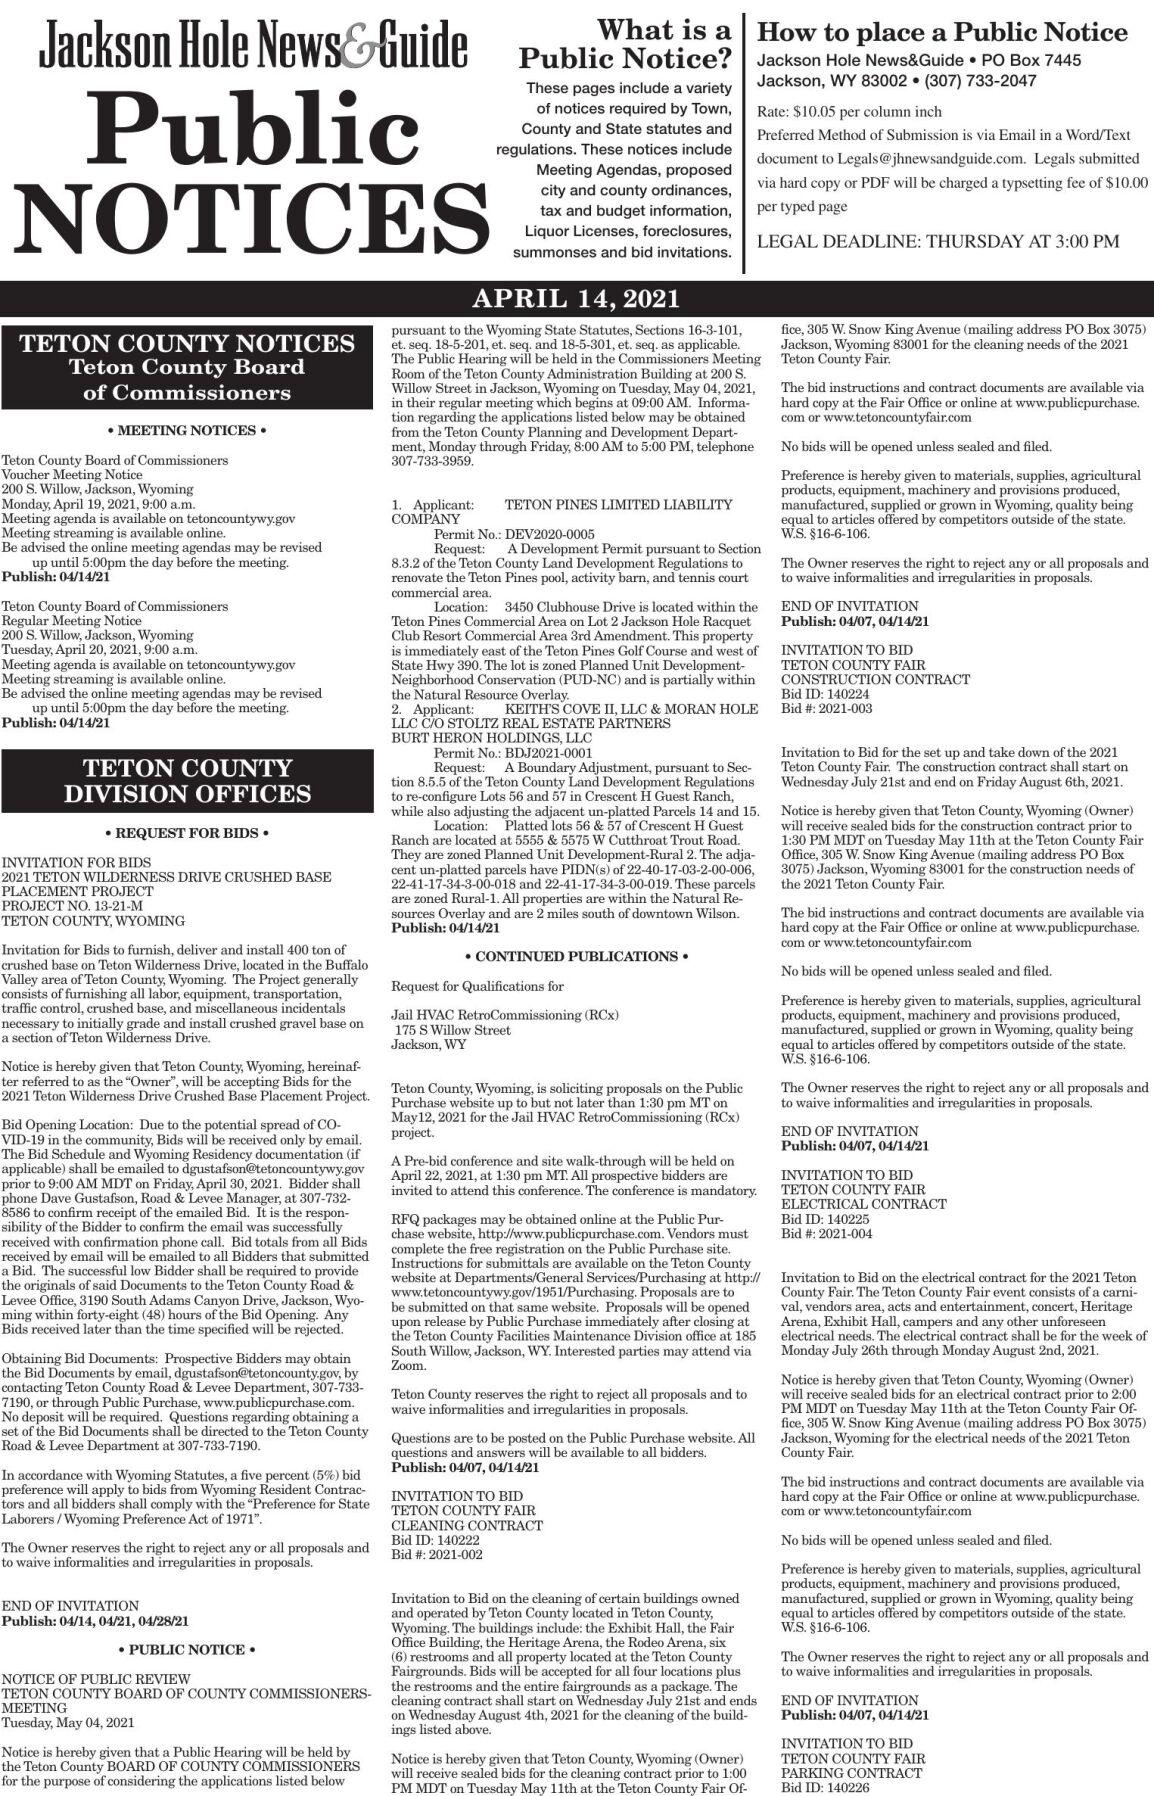 Public Notices, April 14, 2021